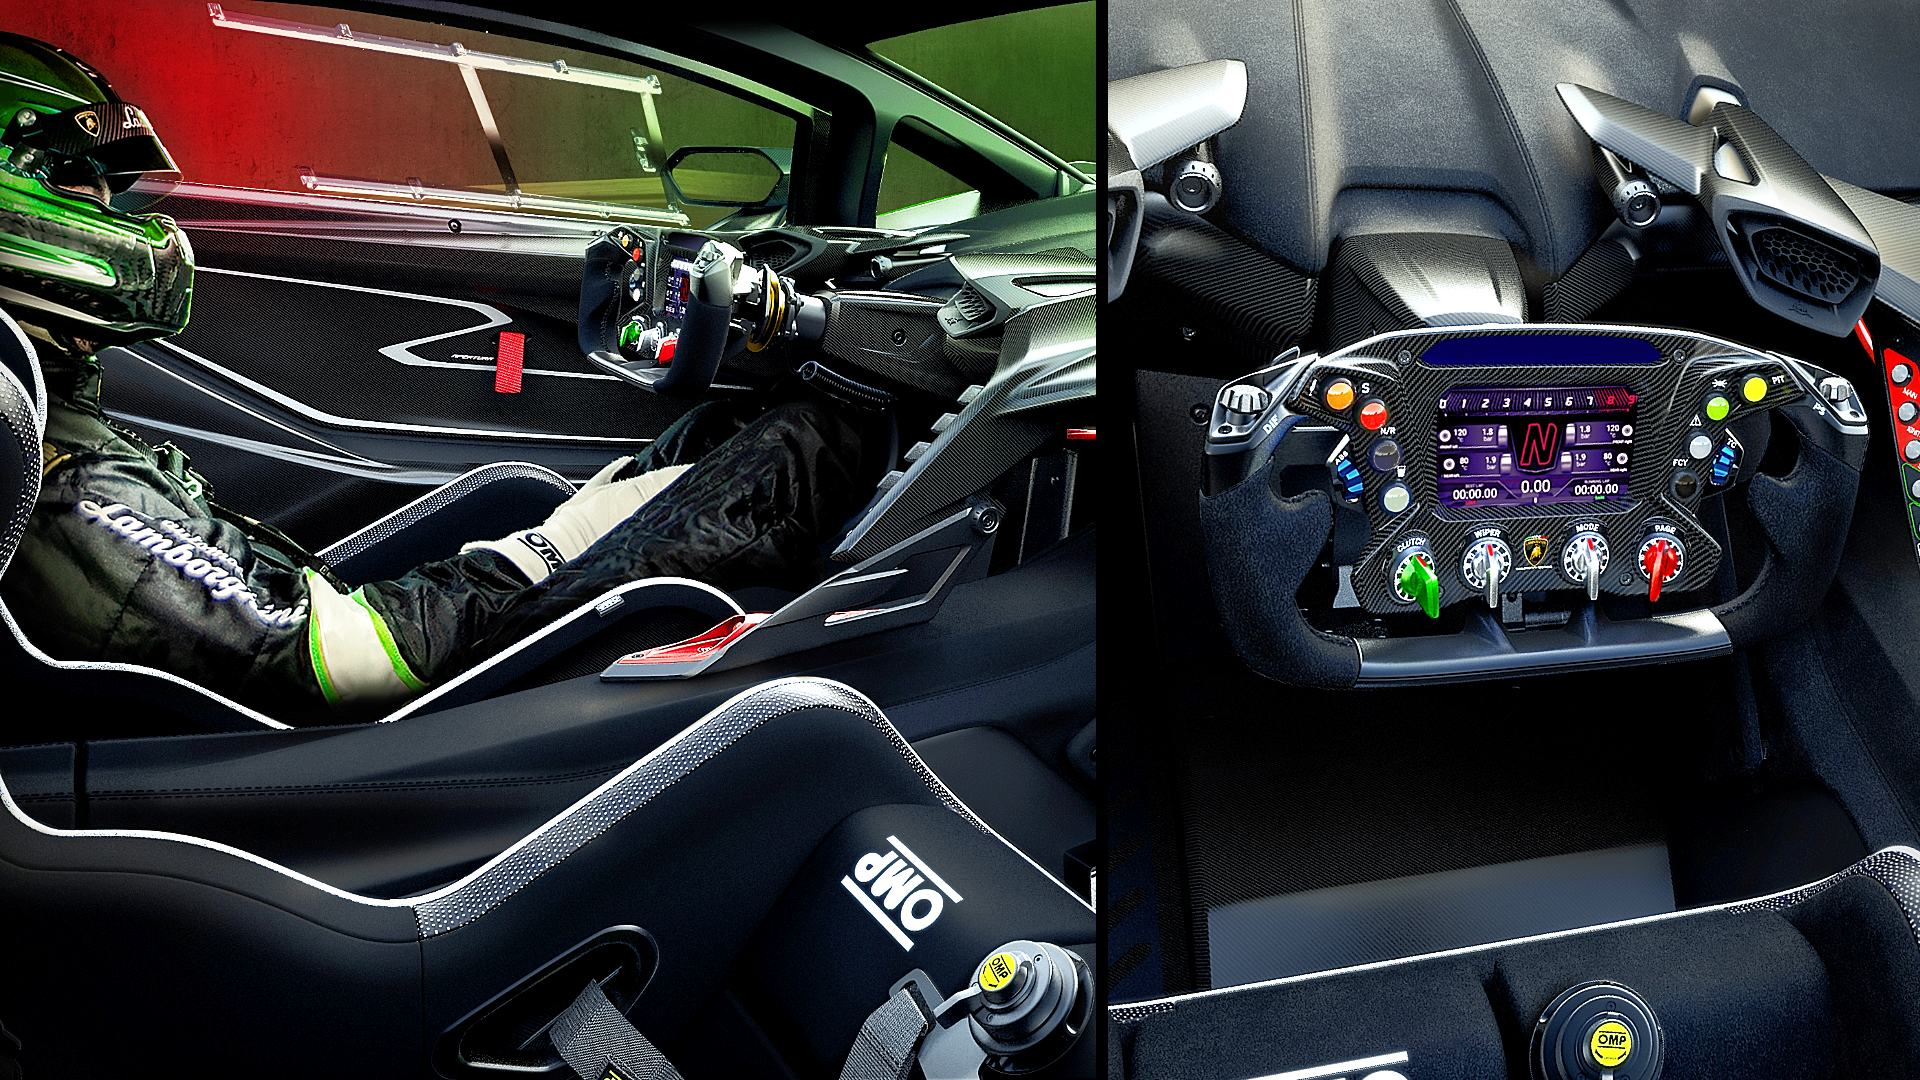 2021 Lamborghini Essenza SCV12 Interior Inside